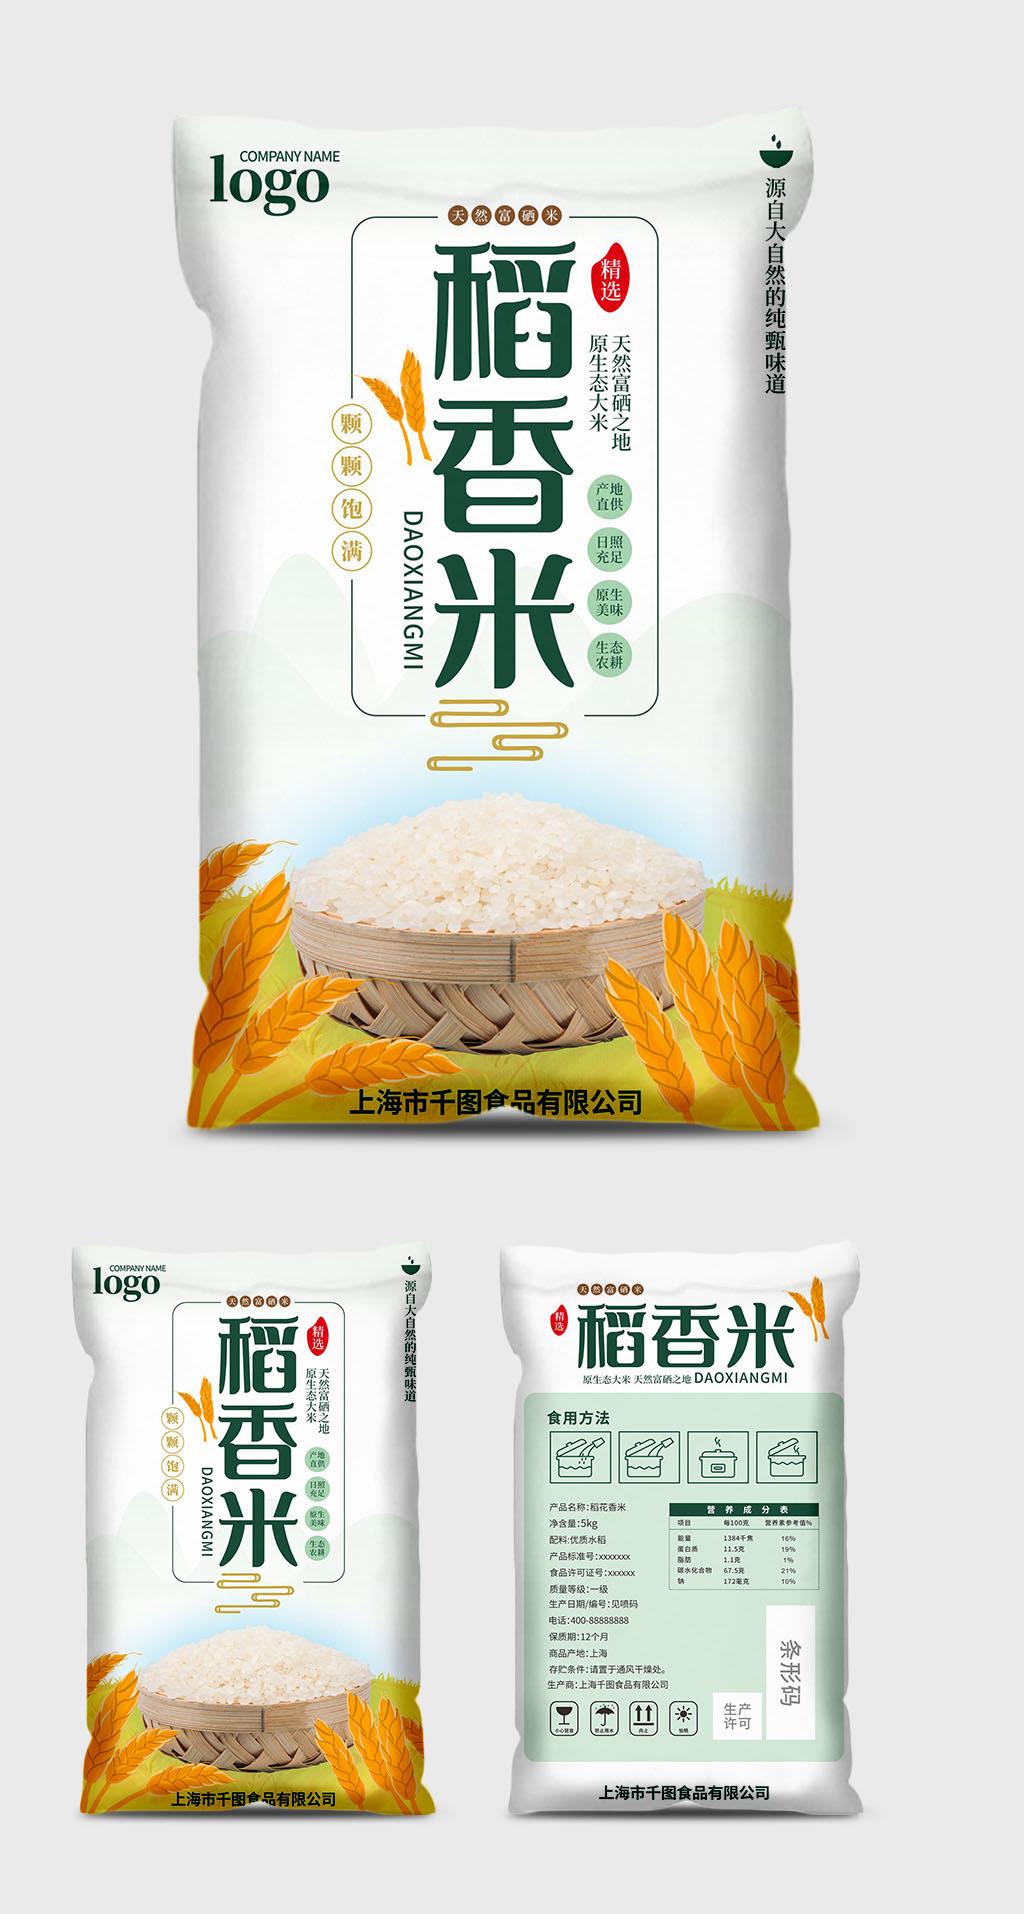 简约有机大米袋食品包装设计源文件插图